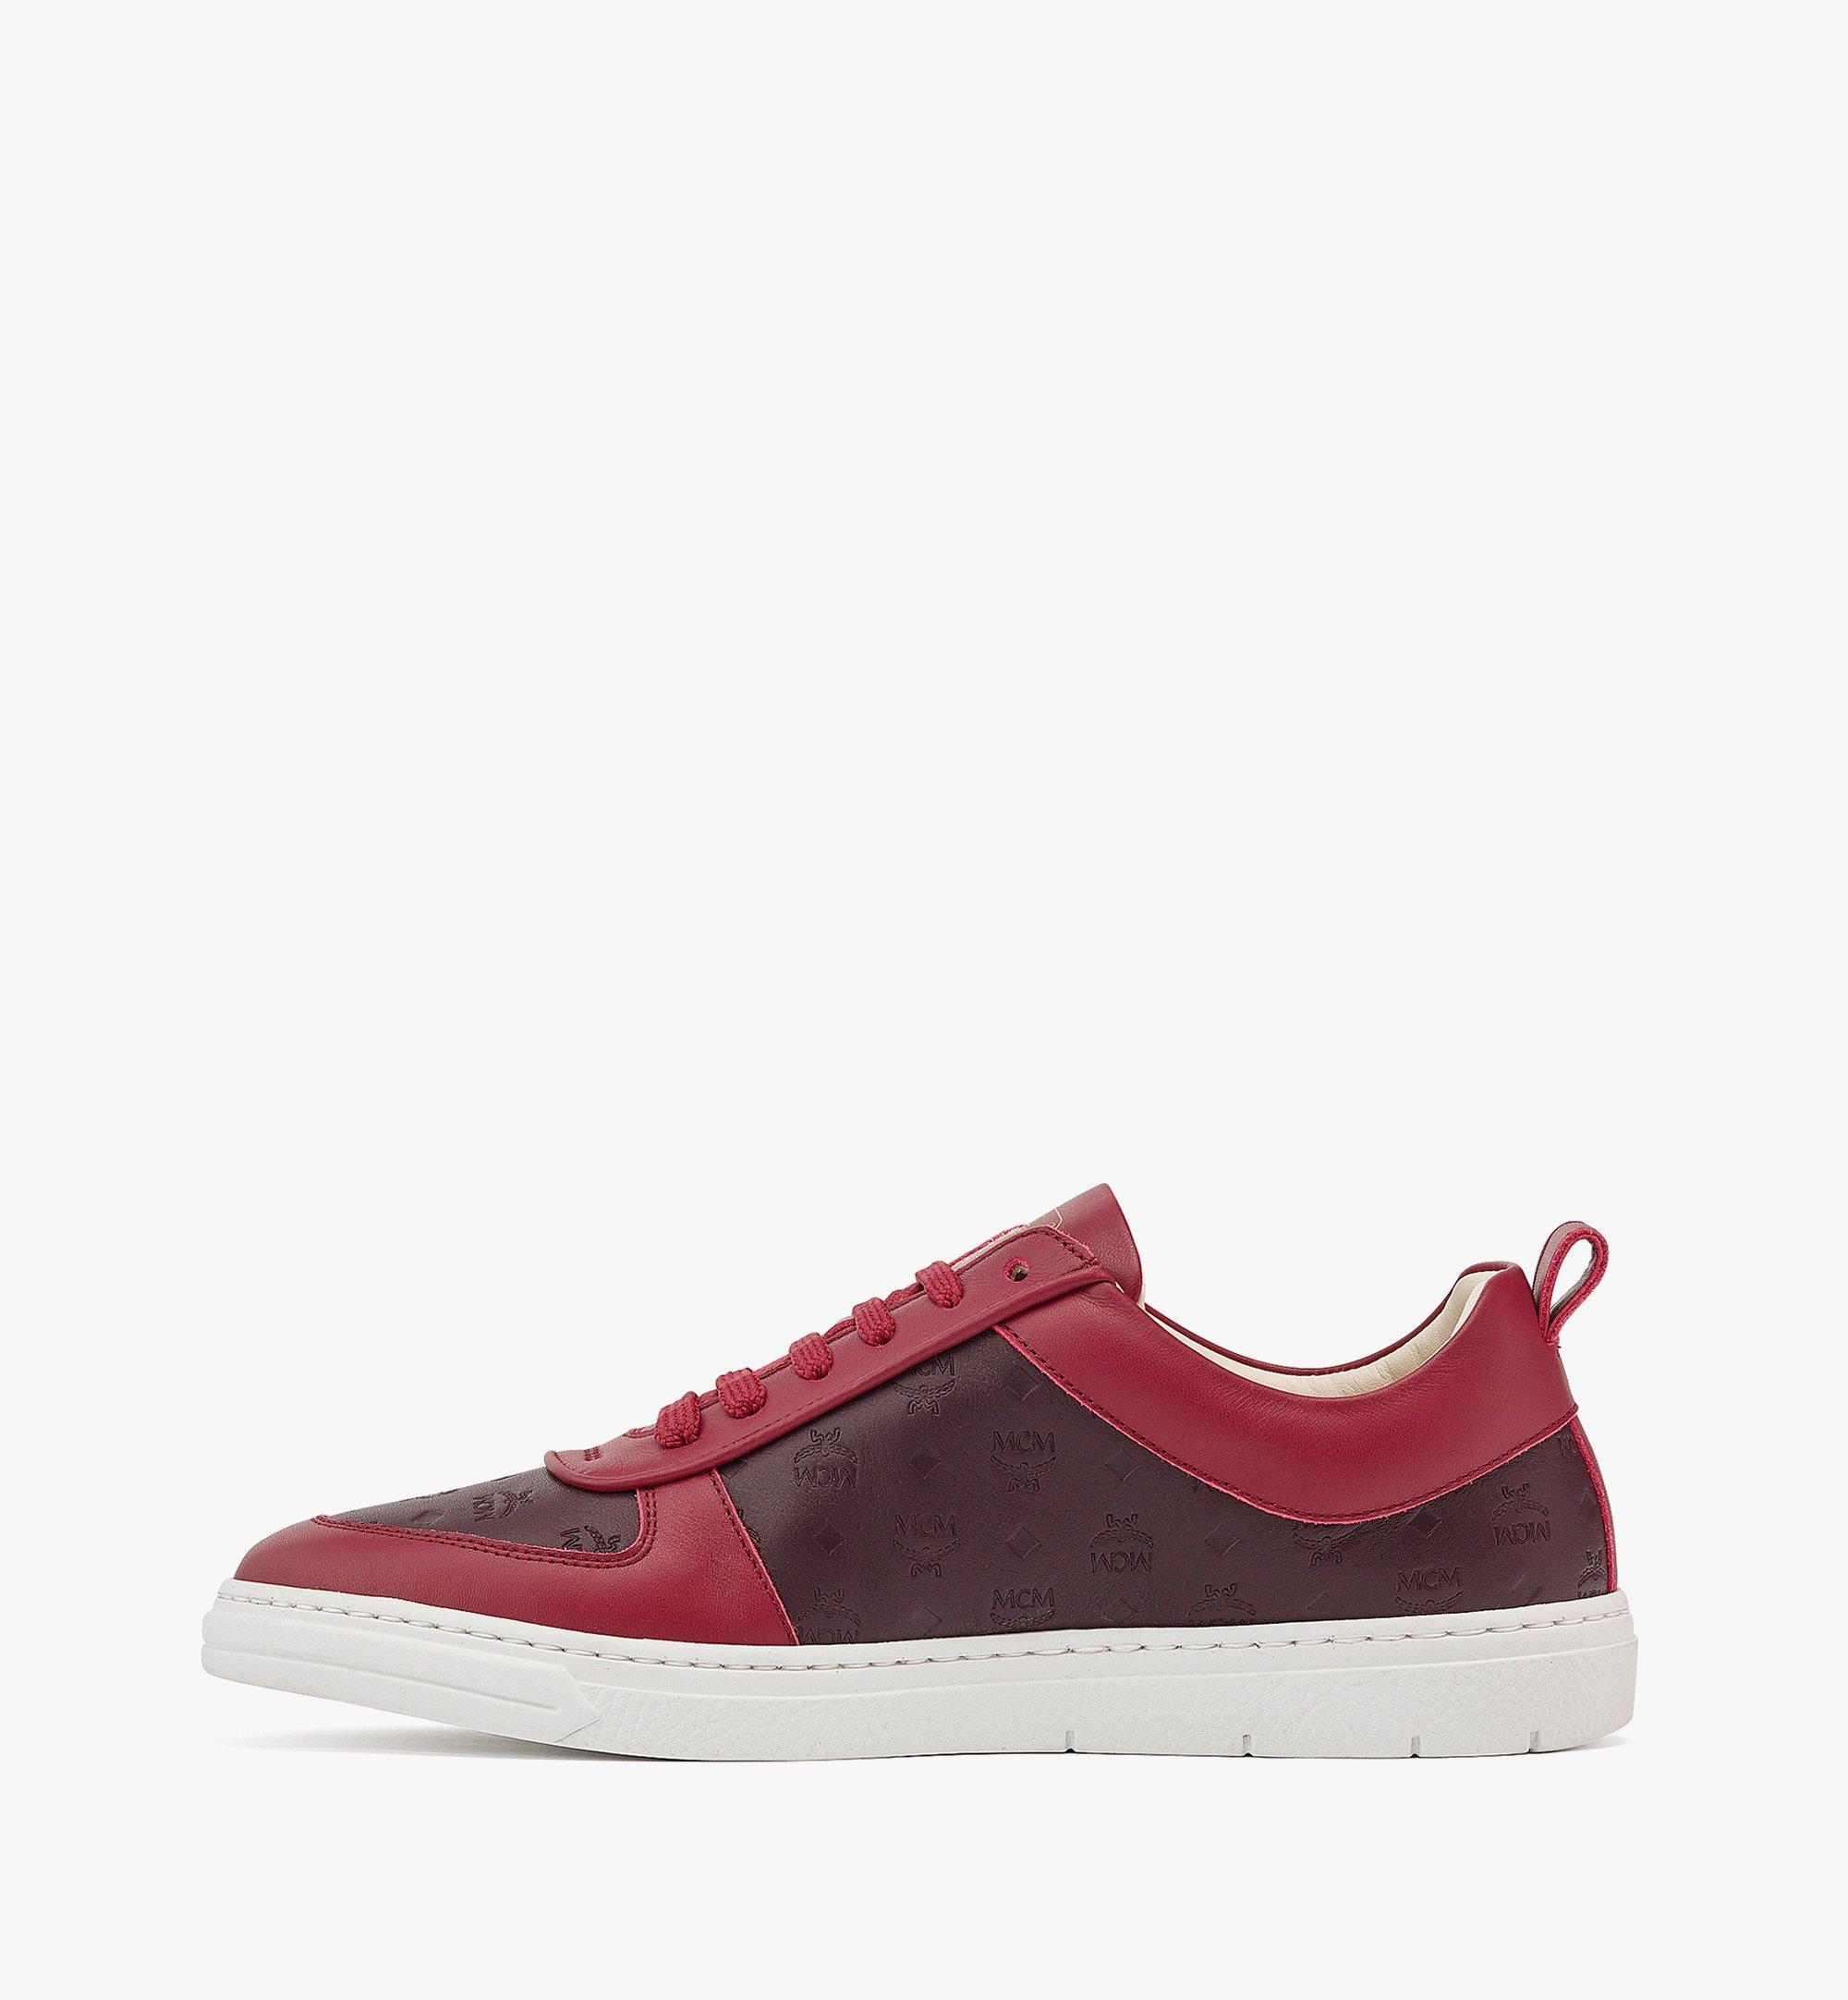 MCM Women's Sustainable Terrain Lo Sneakers in Monogram Leather Brown MESBAMM01N9036 Alternate View 1